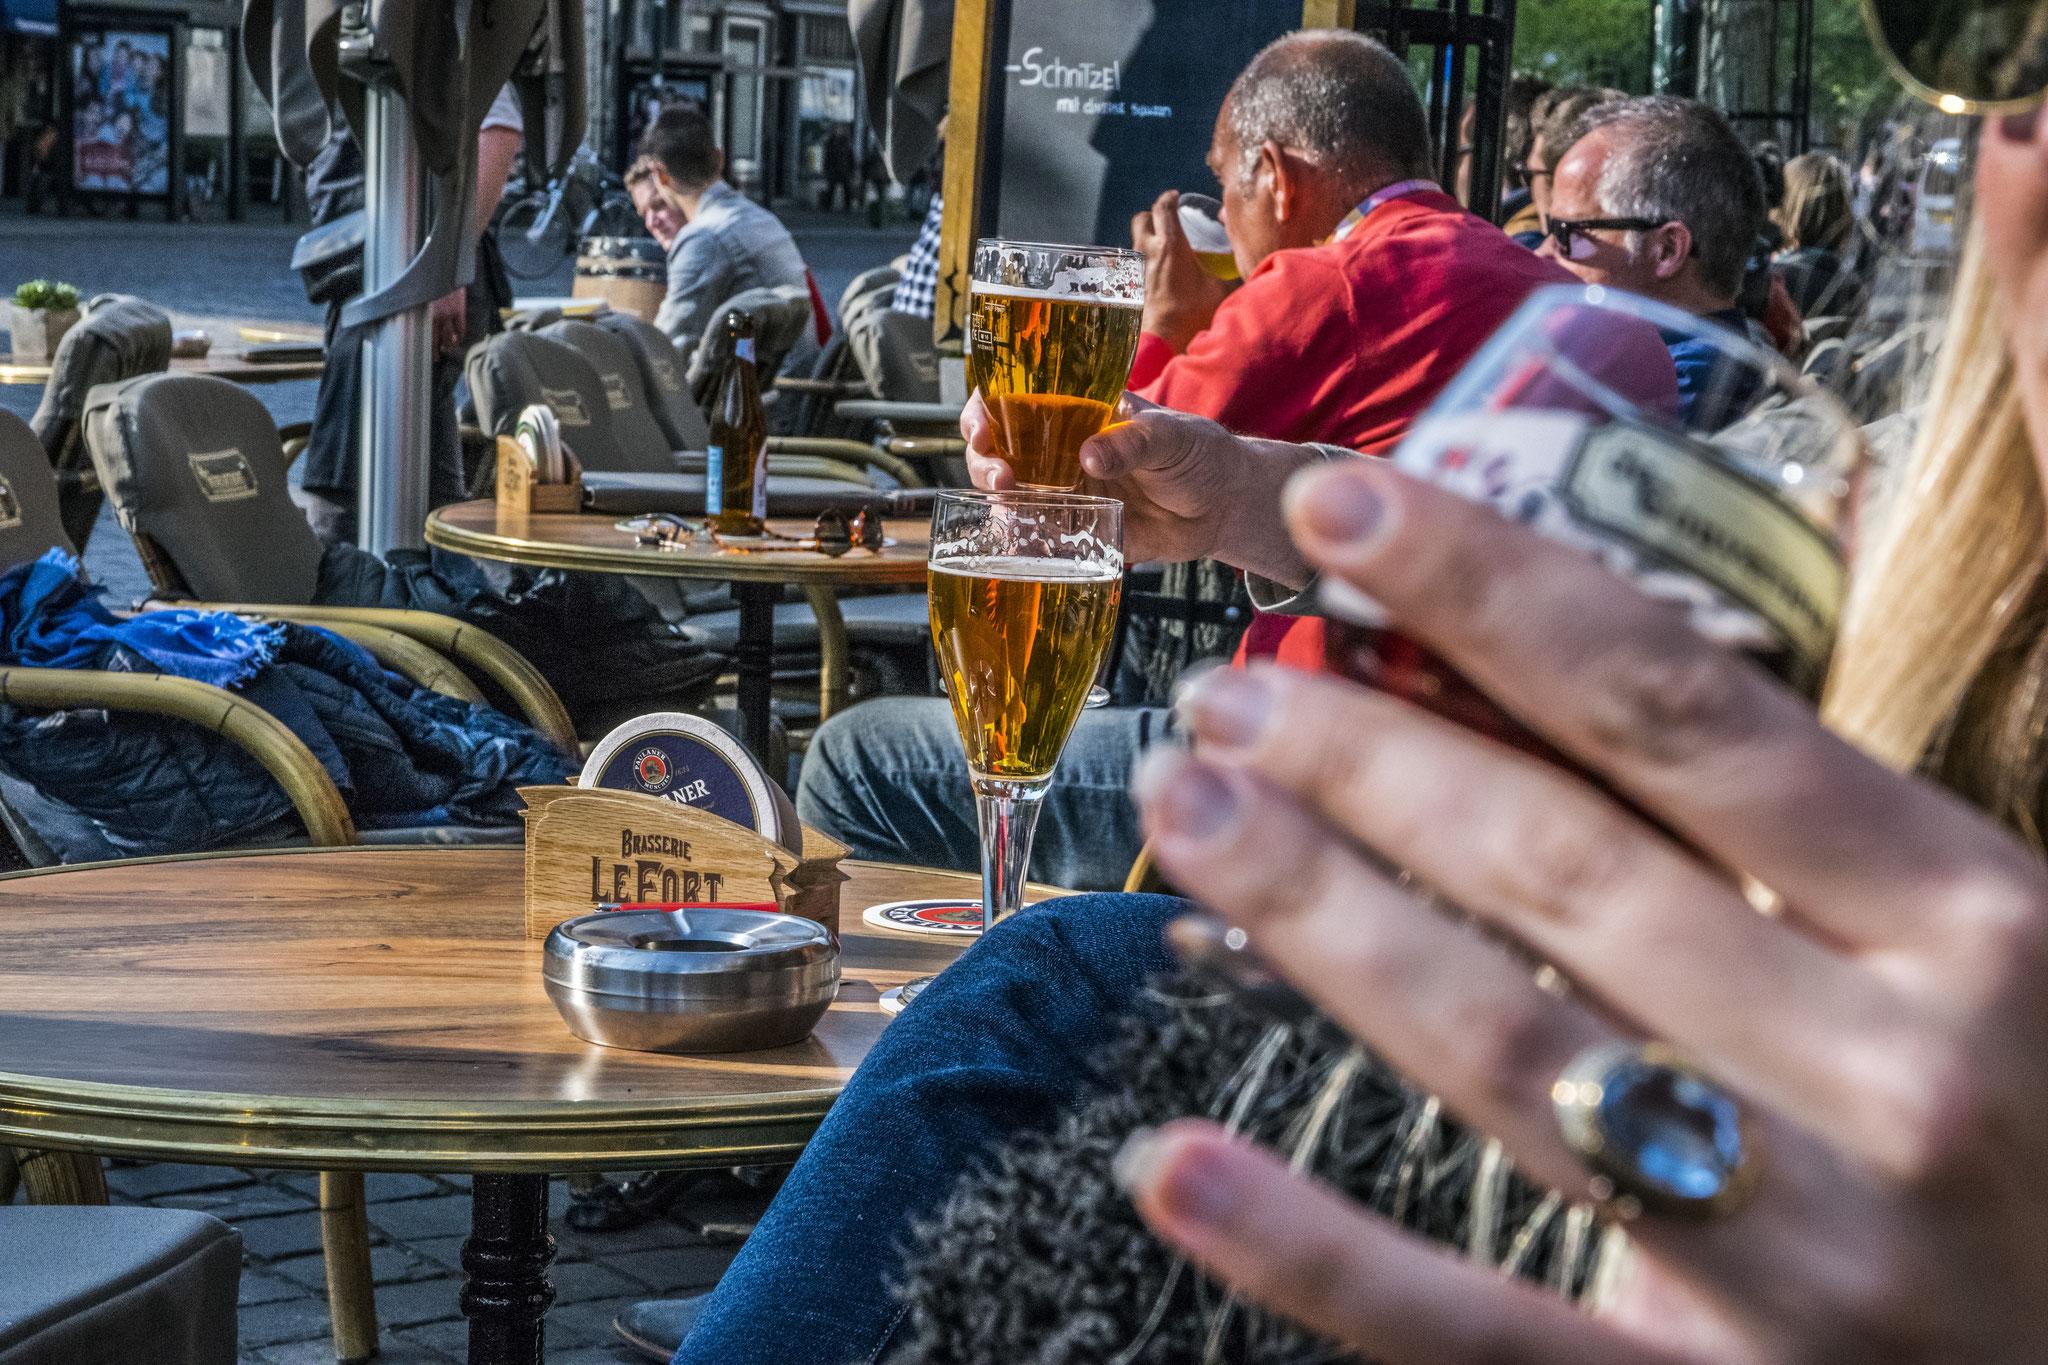 Biertaverne de Gouverneur -  Maastricht - Fotografie